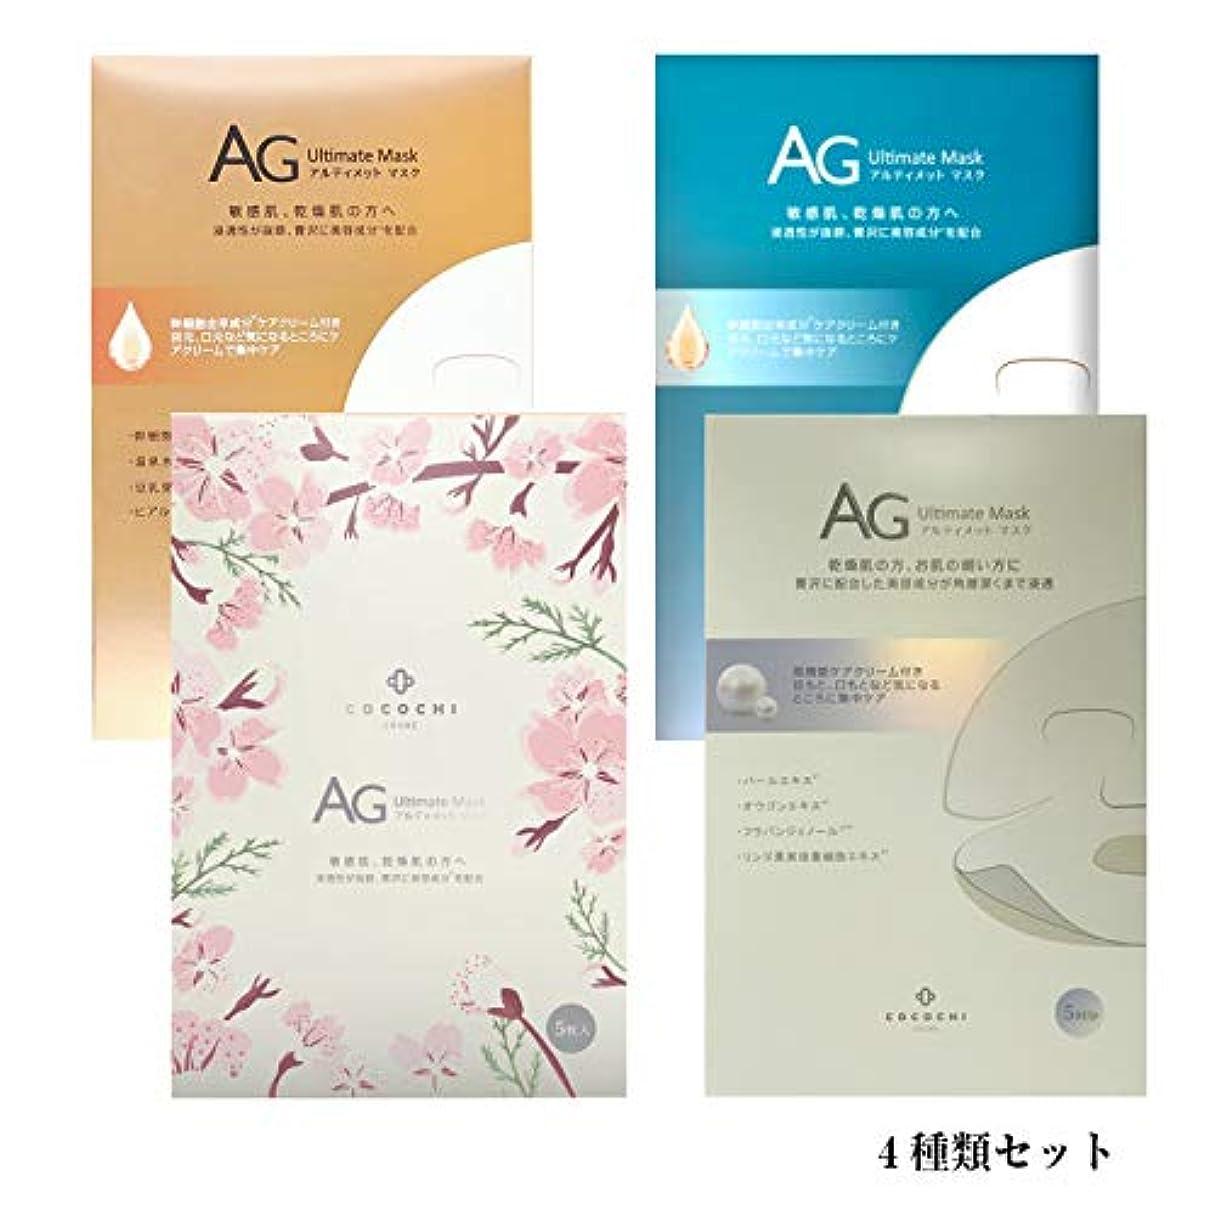 国家差スキッパーAGアルティメットマスク 4種類セット AG アルティメットマスク/オーシャンマスク/さくら/アコヤ真珠マスク